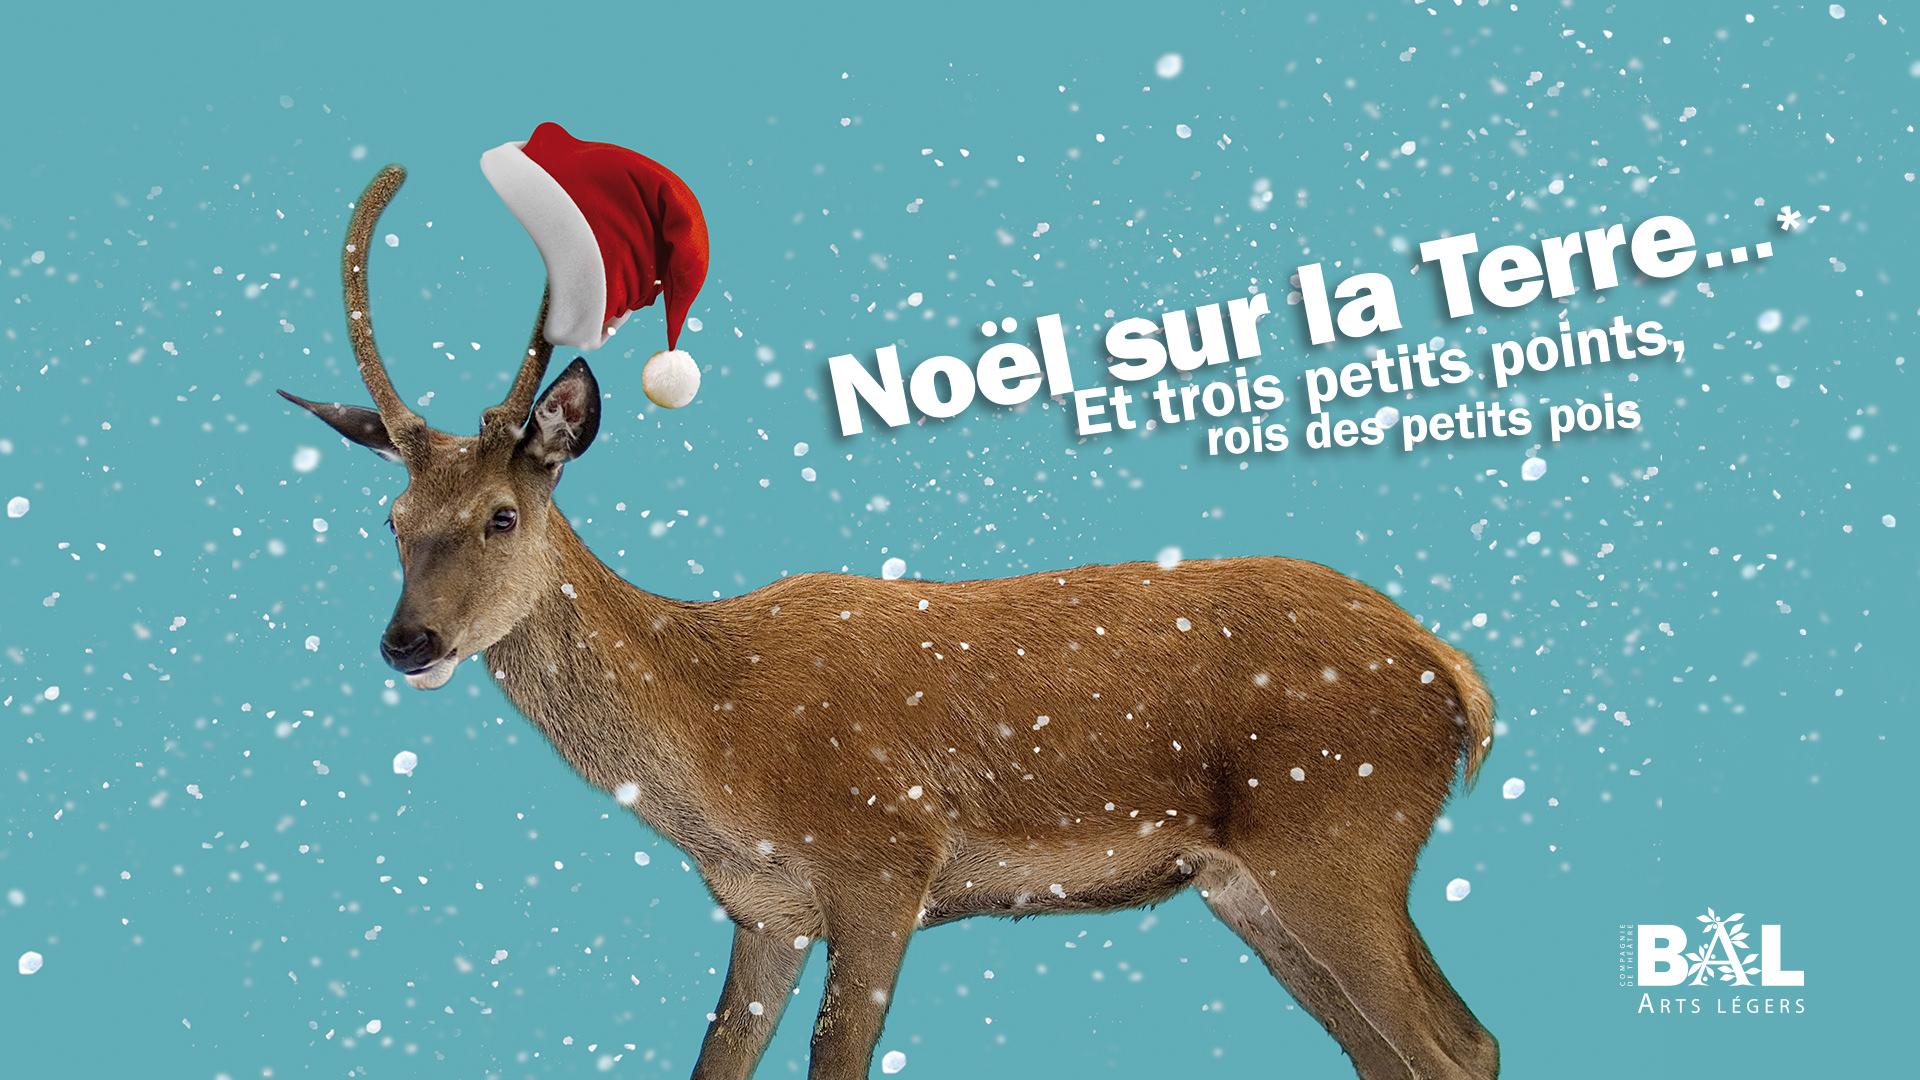 Affiche Noël sur la terre © Jean-Marc Nigon